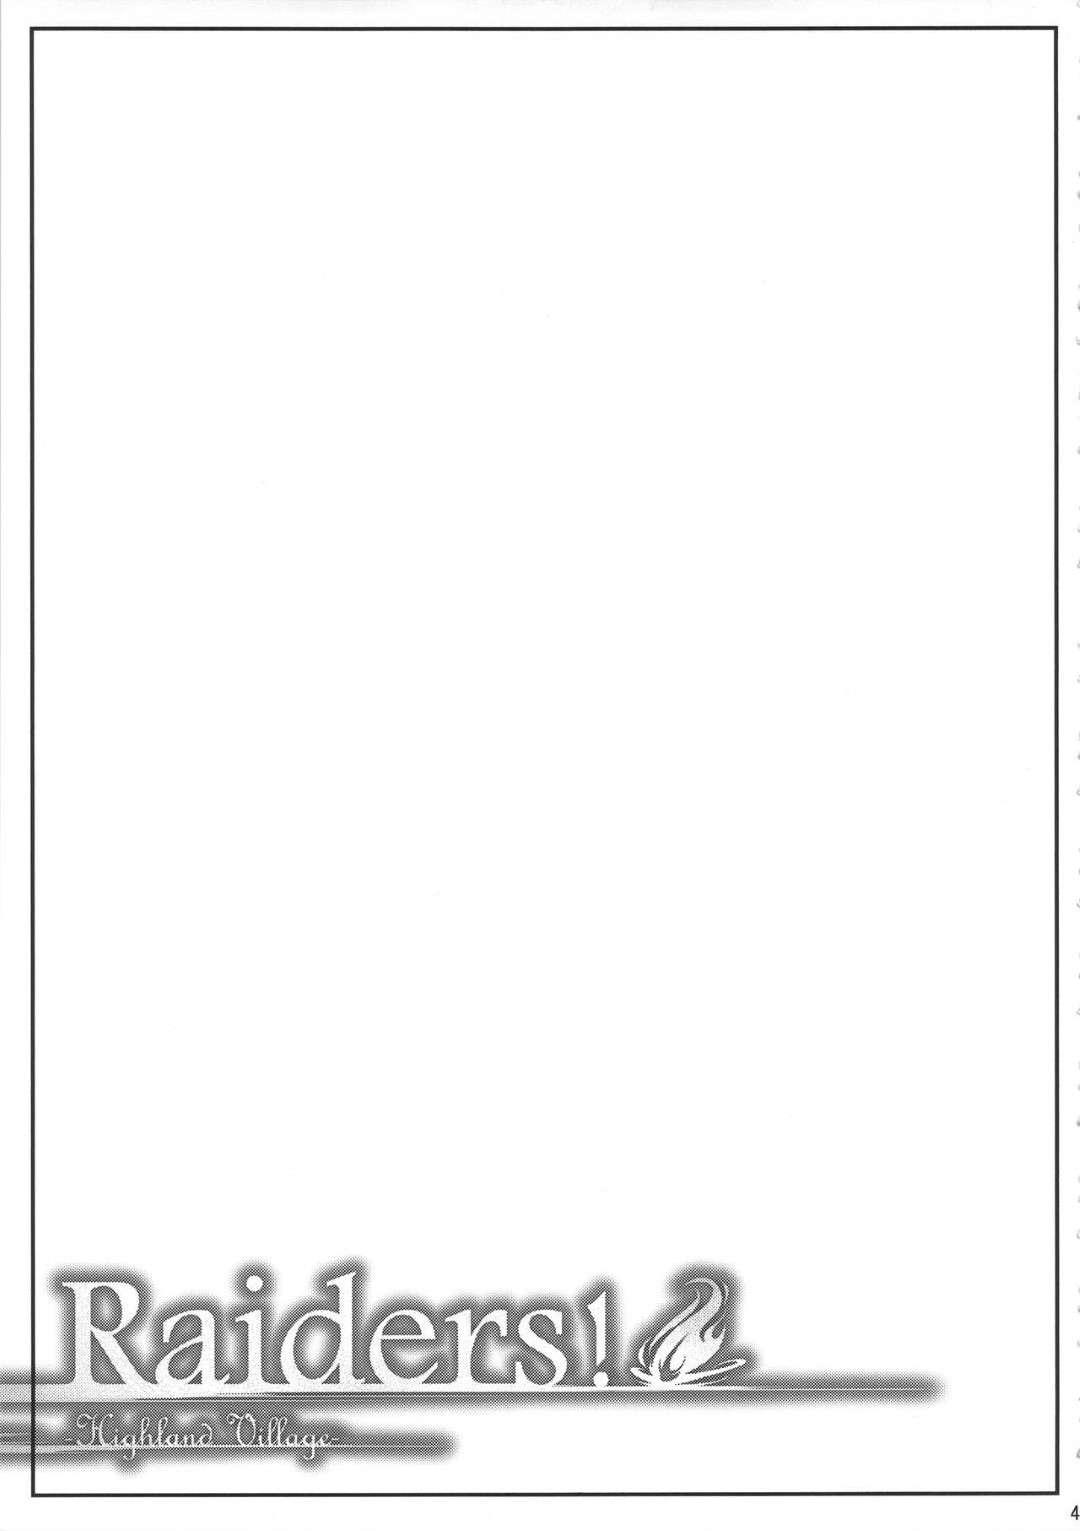 【エロ同人誌】(C90)雄しかいない凶暴な蛮族達から離れた村で暮らす巨乳姉妹…しかしある日の晩、蛮族達の襲撃を受け狙われた姉妹たちは犯されてしまう!【沙悟荘 (瀬浦沙悟):Raiders! -Highland Village-】